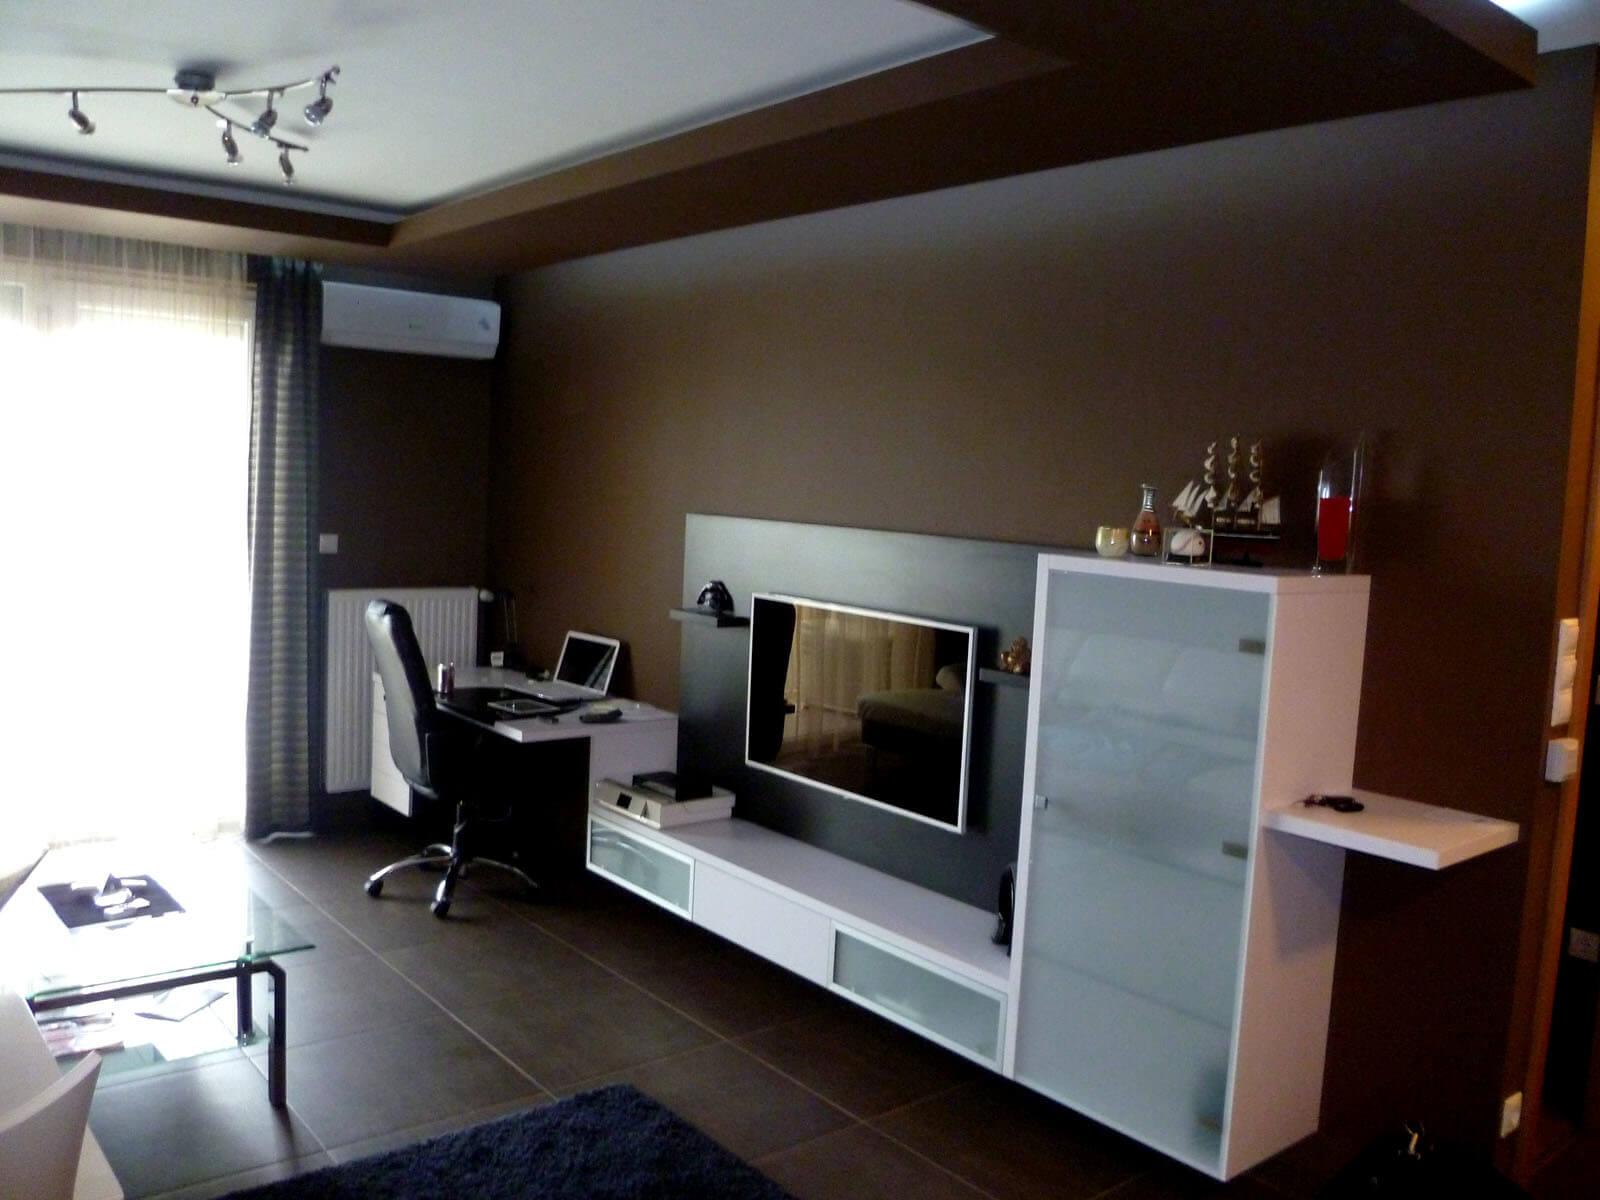 Egyedi szobabútor gyártás fehér bútorlapból lebegő kivitelben